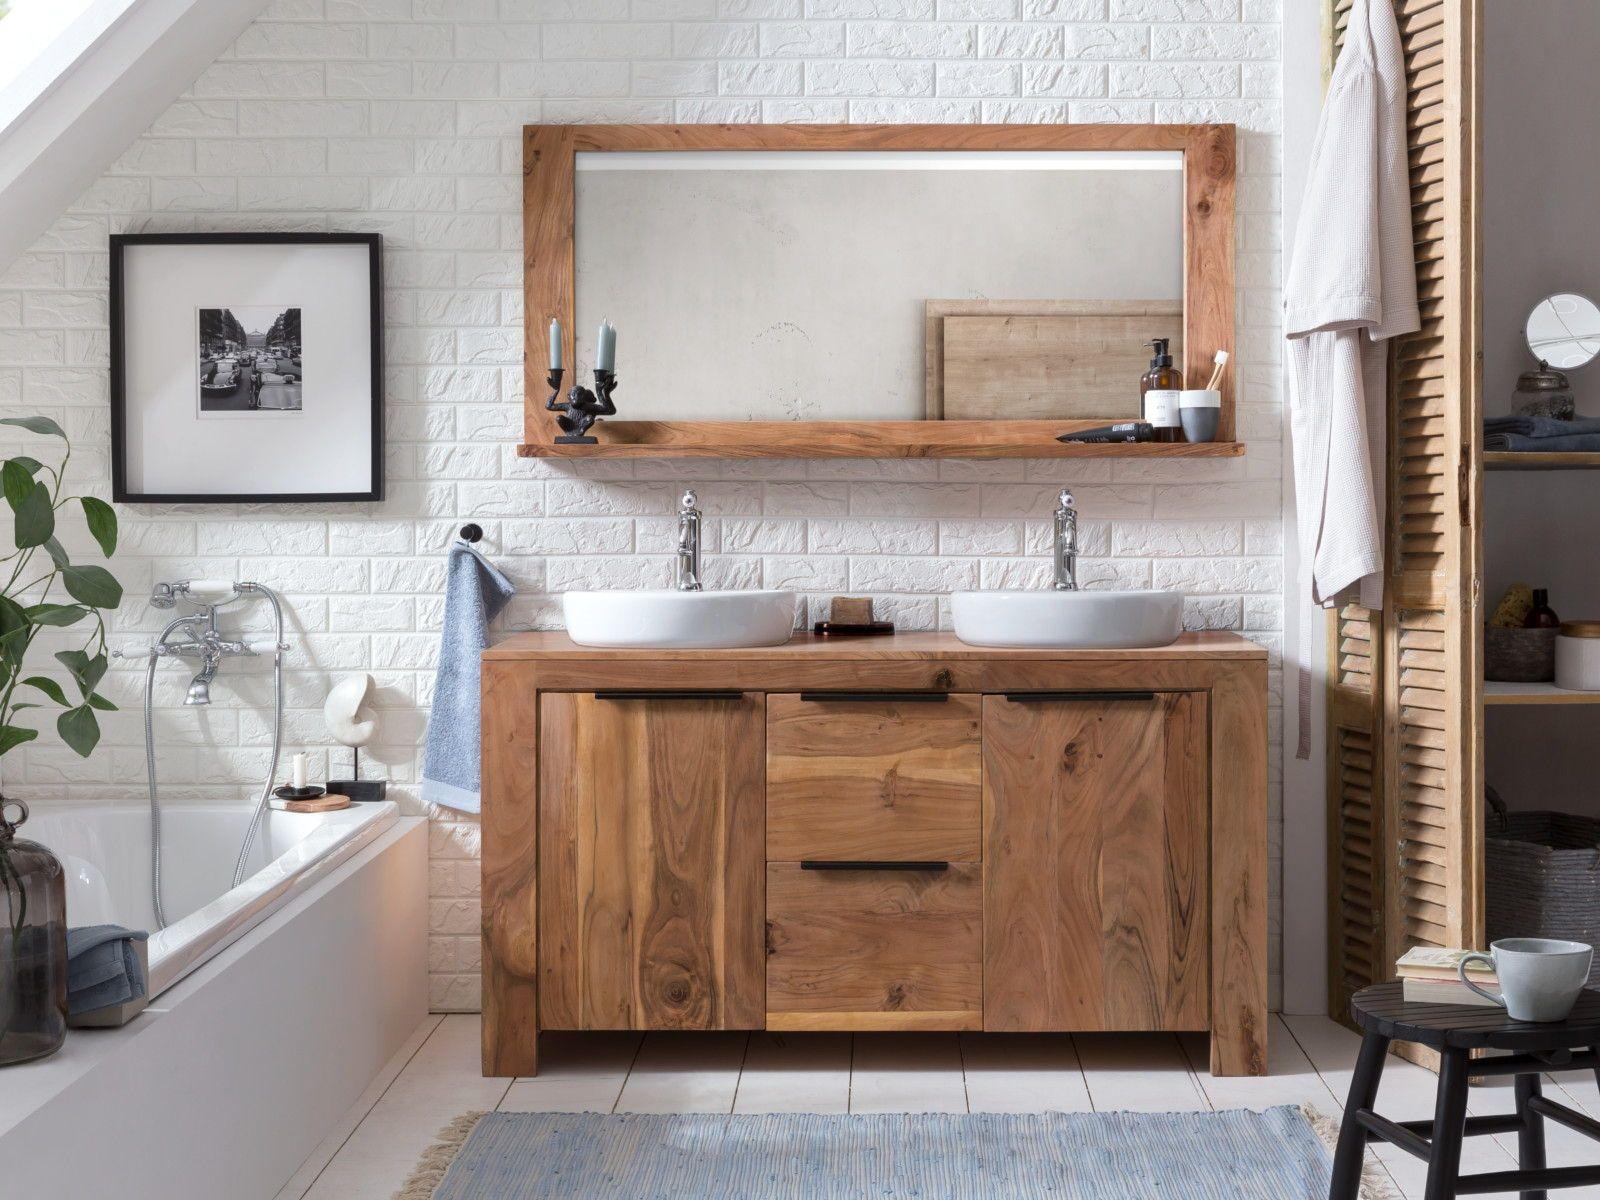 Woodkings Shop Waschtisch Massivholz Waschtisch Holz Rustikal